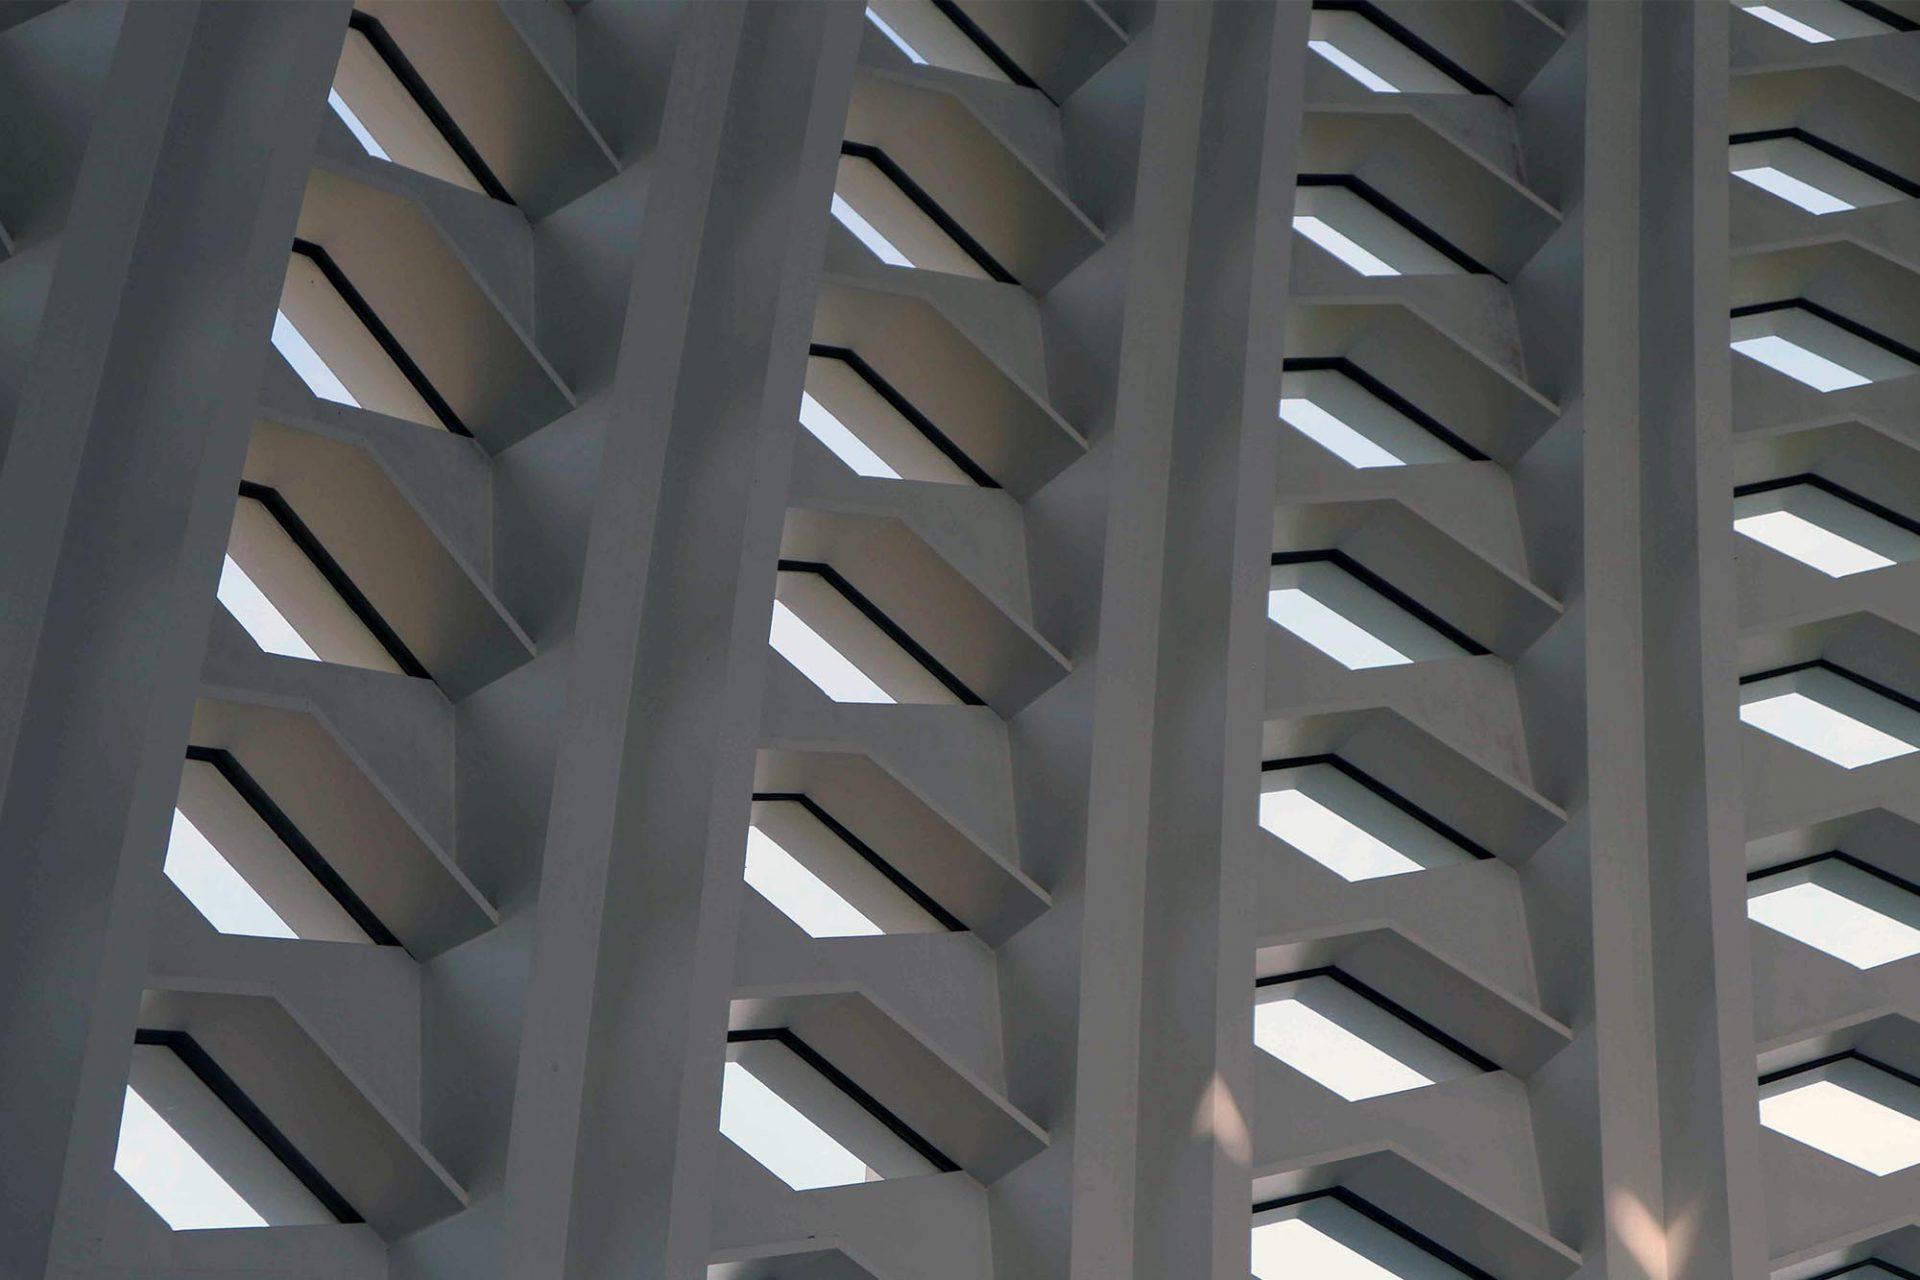 Die Kuppel. Besteht aus 540 rautenförmigen Glasscheiben.